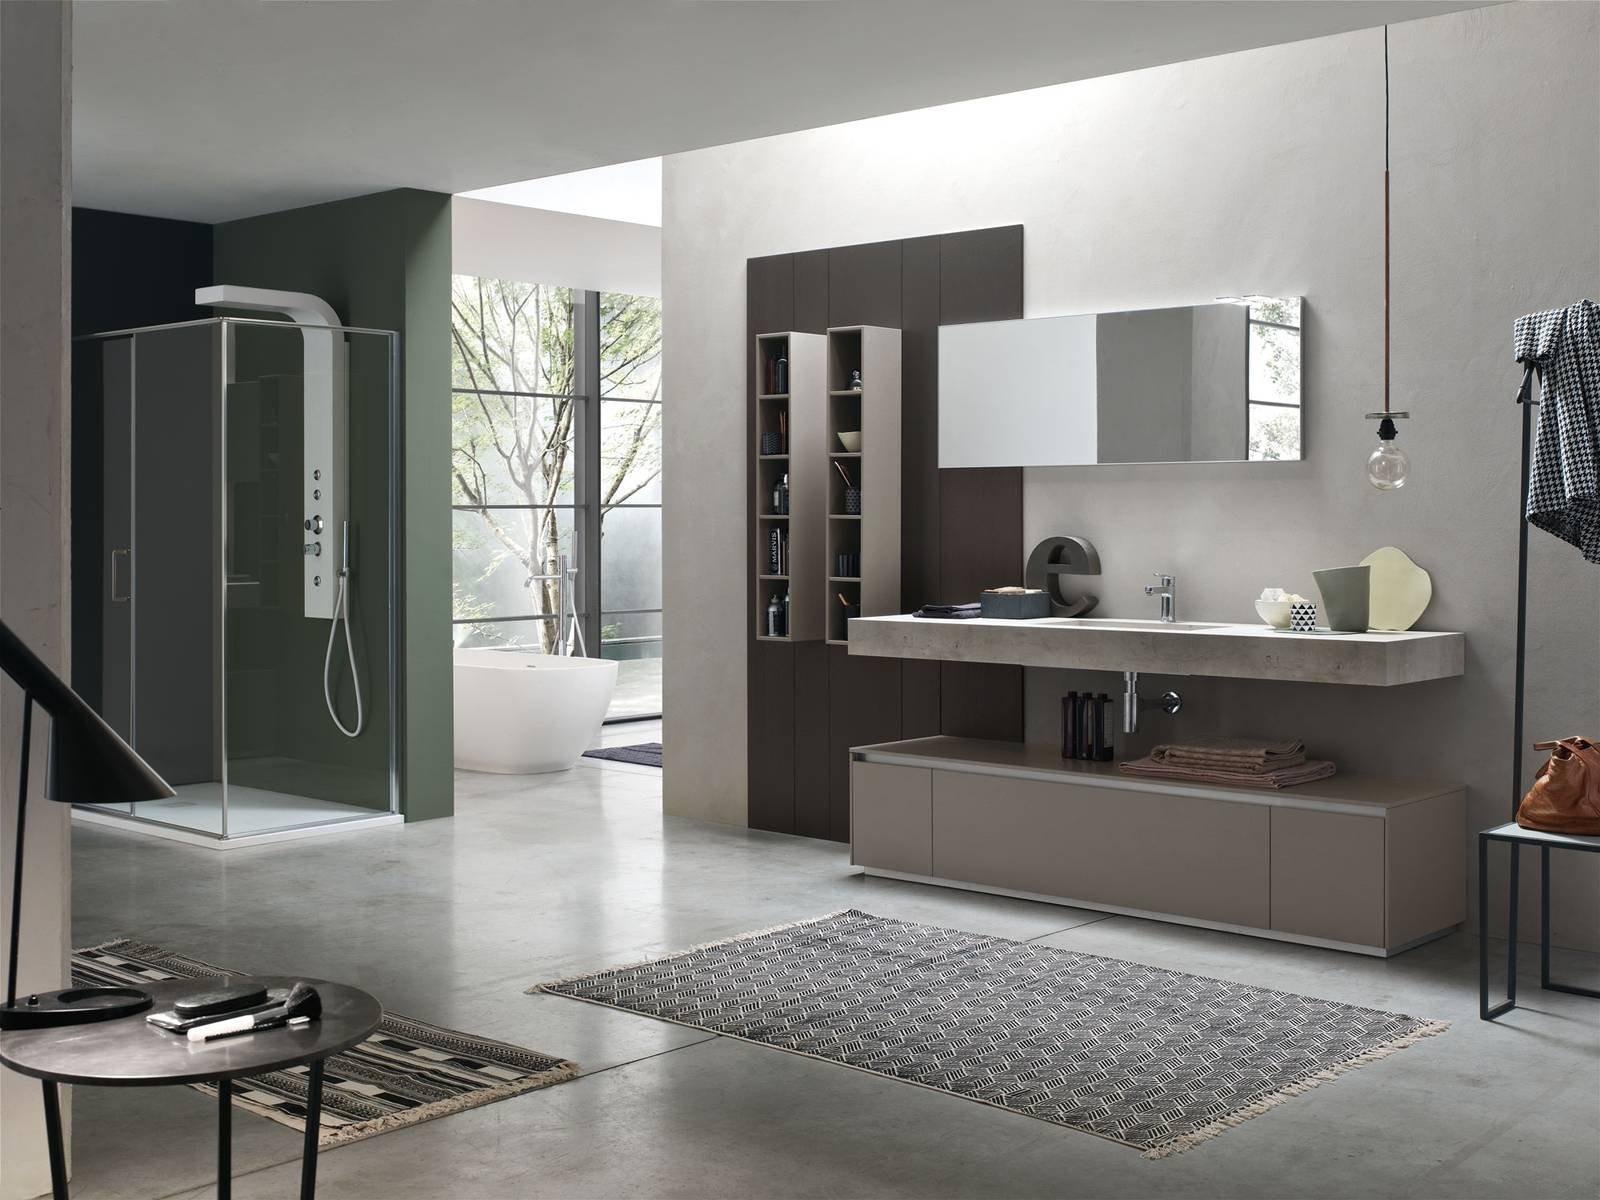 Arredare il bagno con escape di arcom cose di casa for Arredare bagno grande